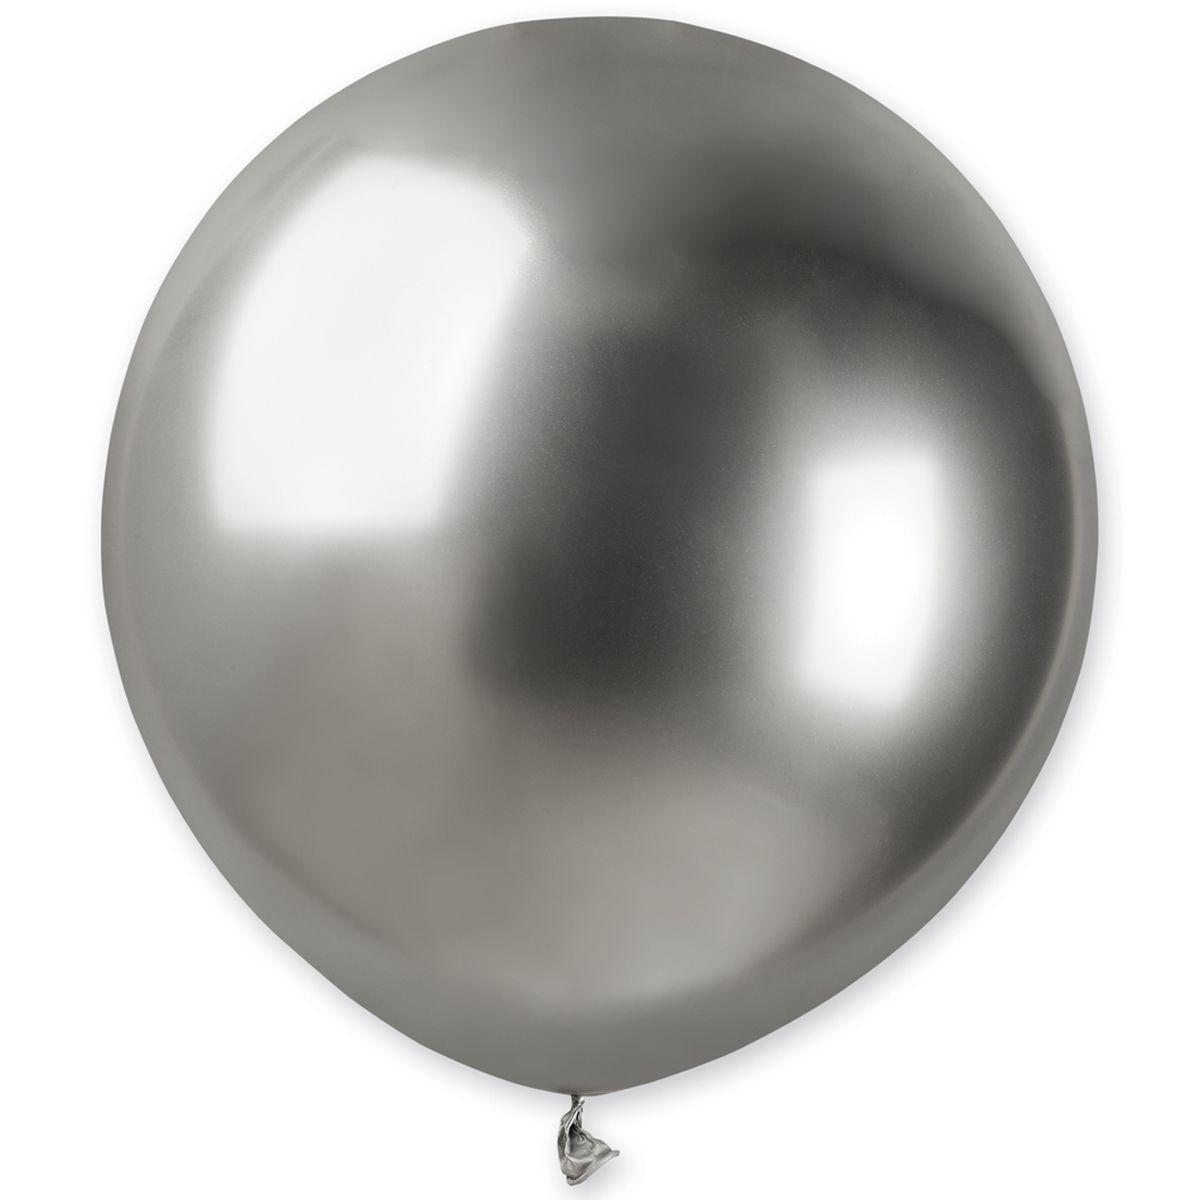 Повітряна куля без малюнка 48 см срібло хром